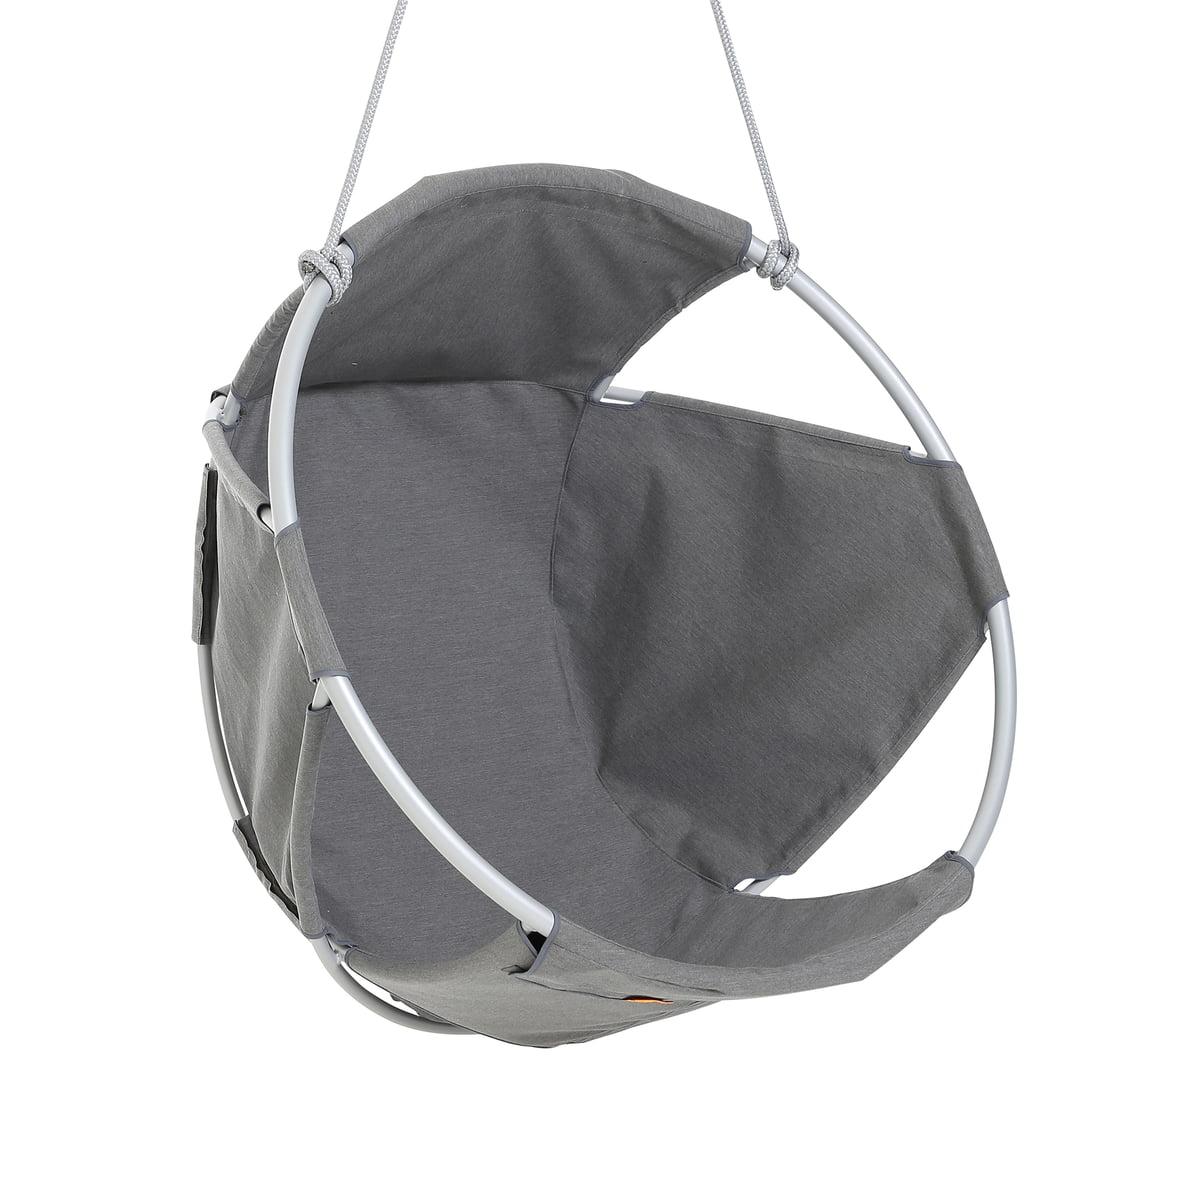 hanging cocoon chair outdoor plastic chairs walmart hang by trimm copenhagen